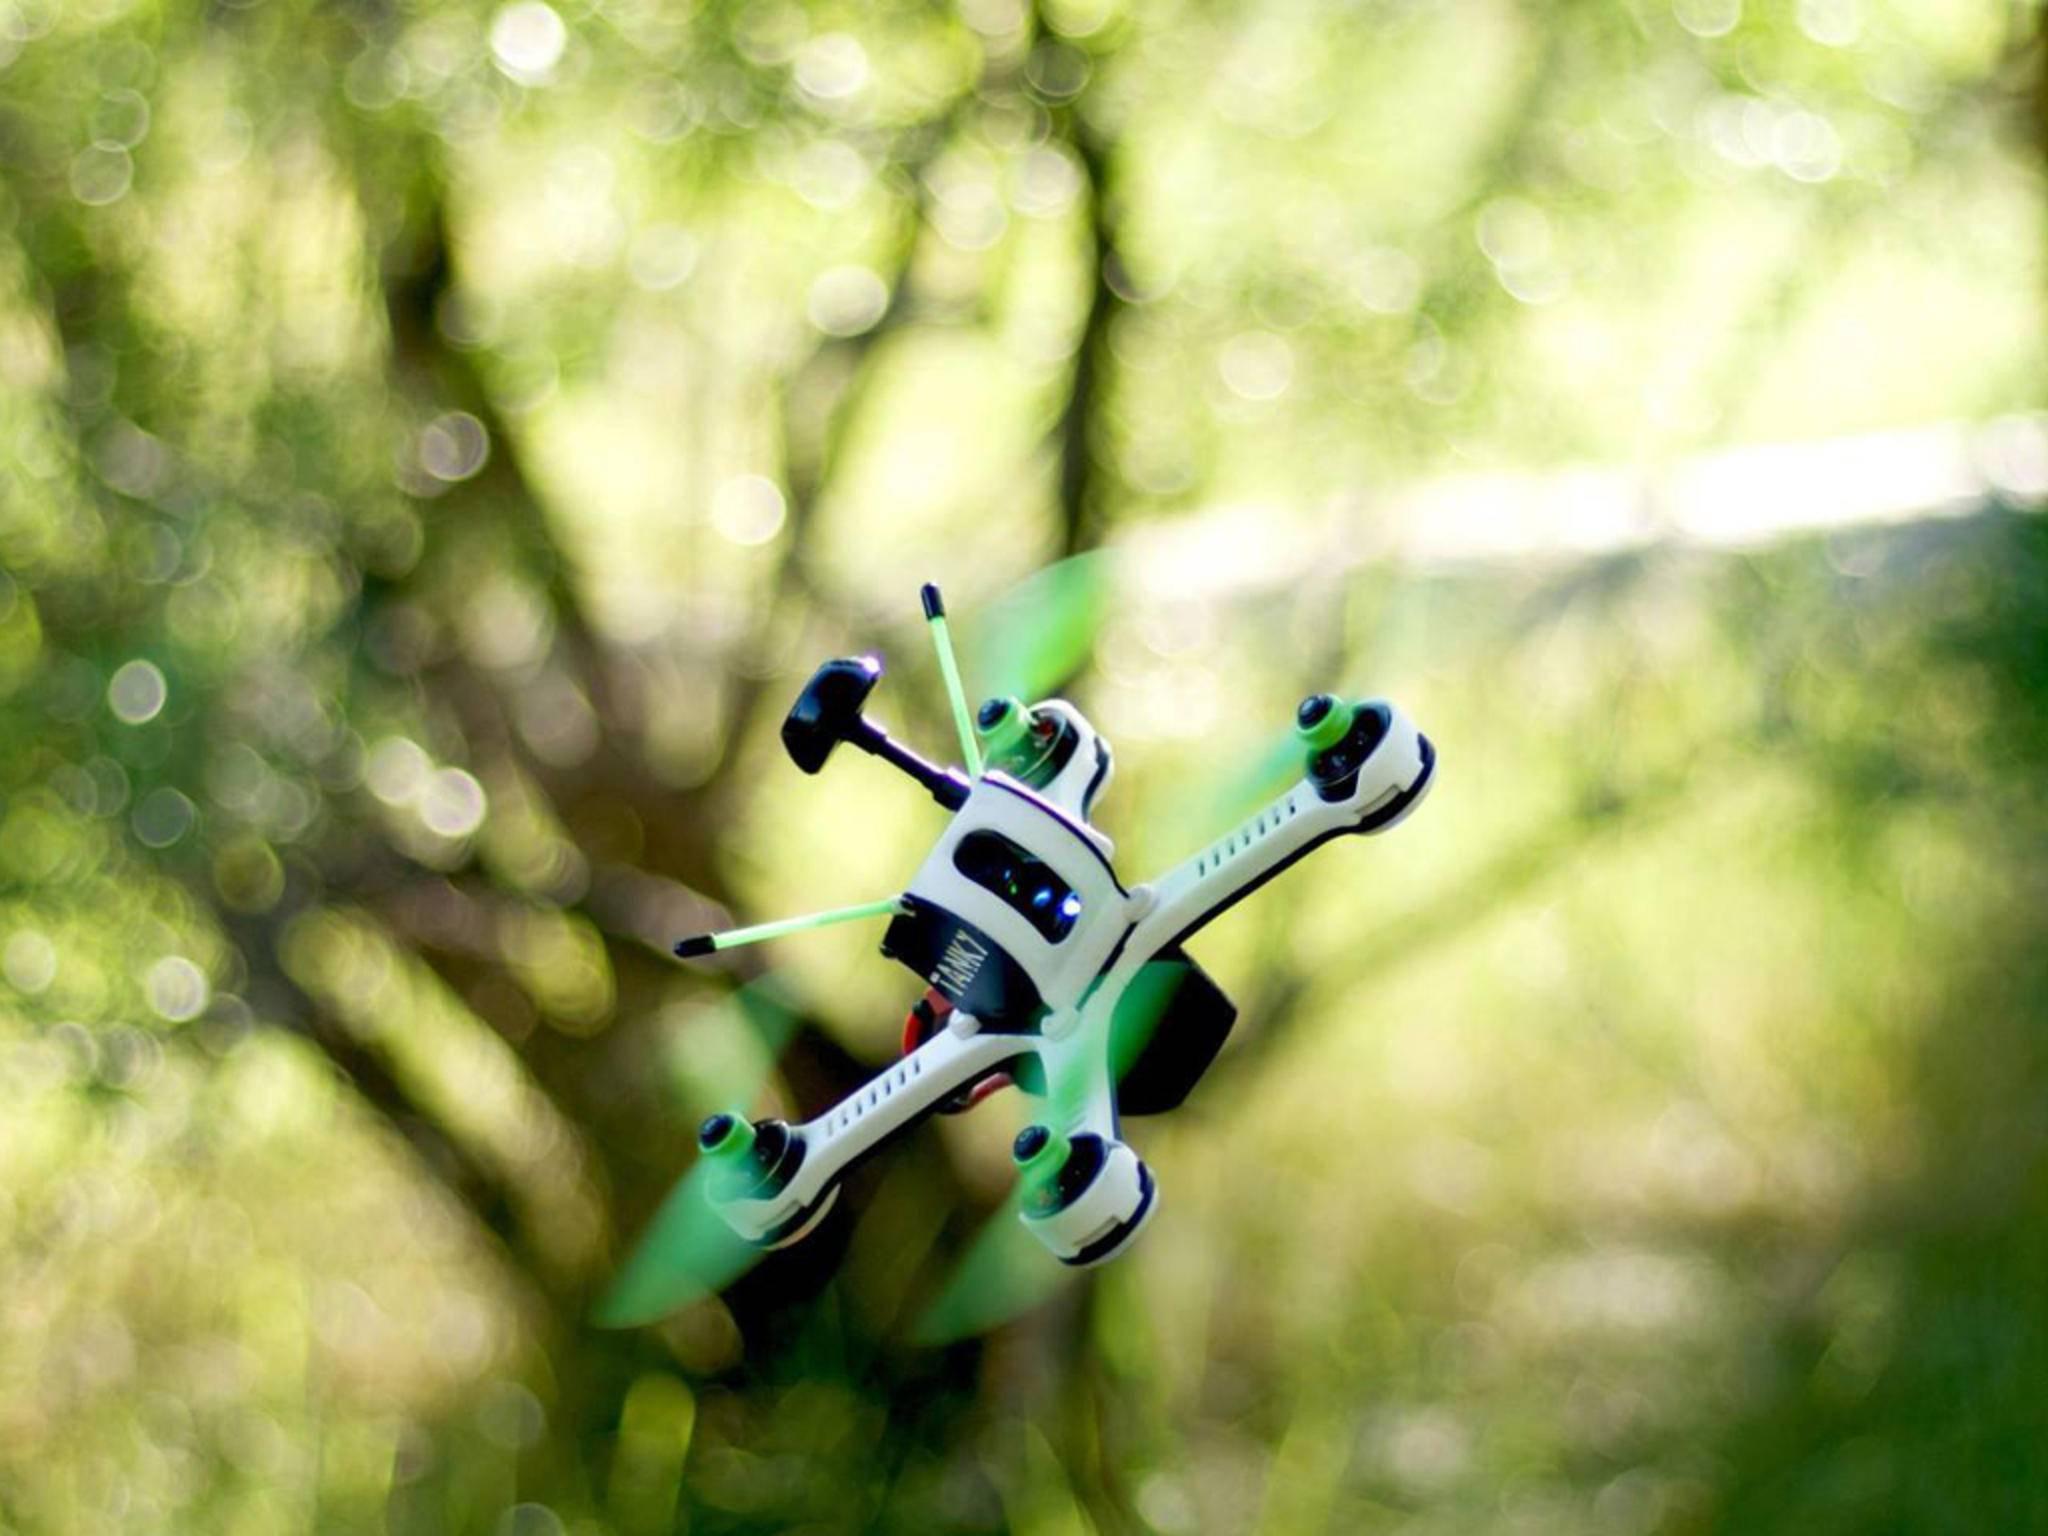 Tanky soll die schnellste Consumer-Drohne der Welt werden.